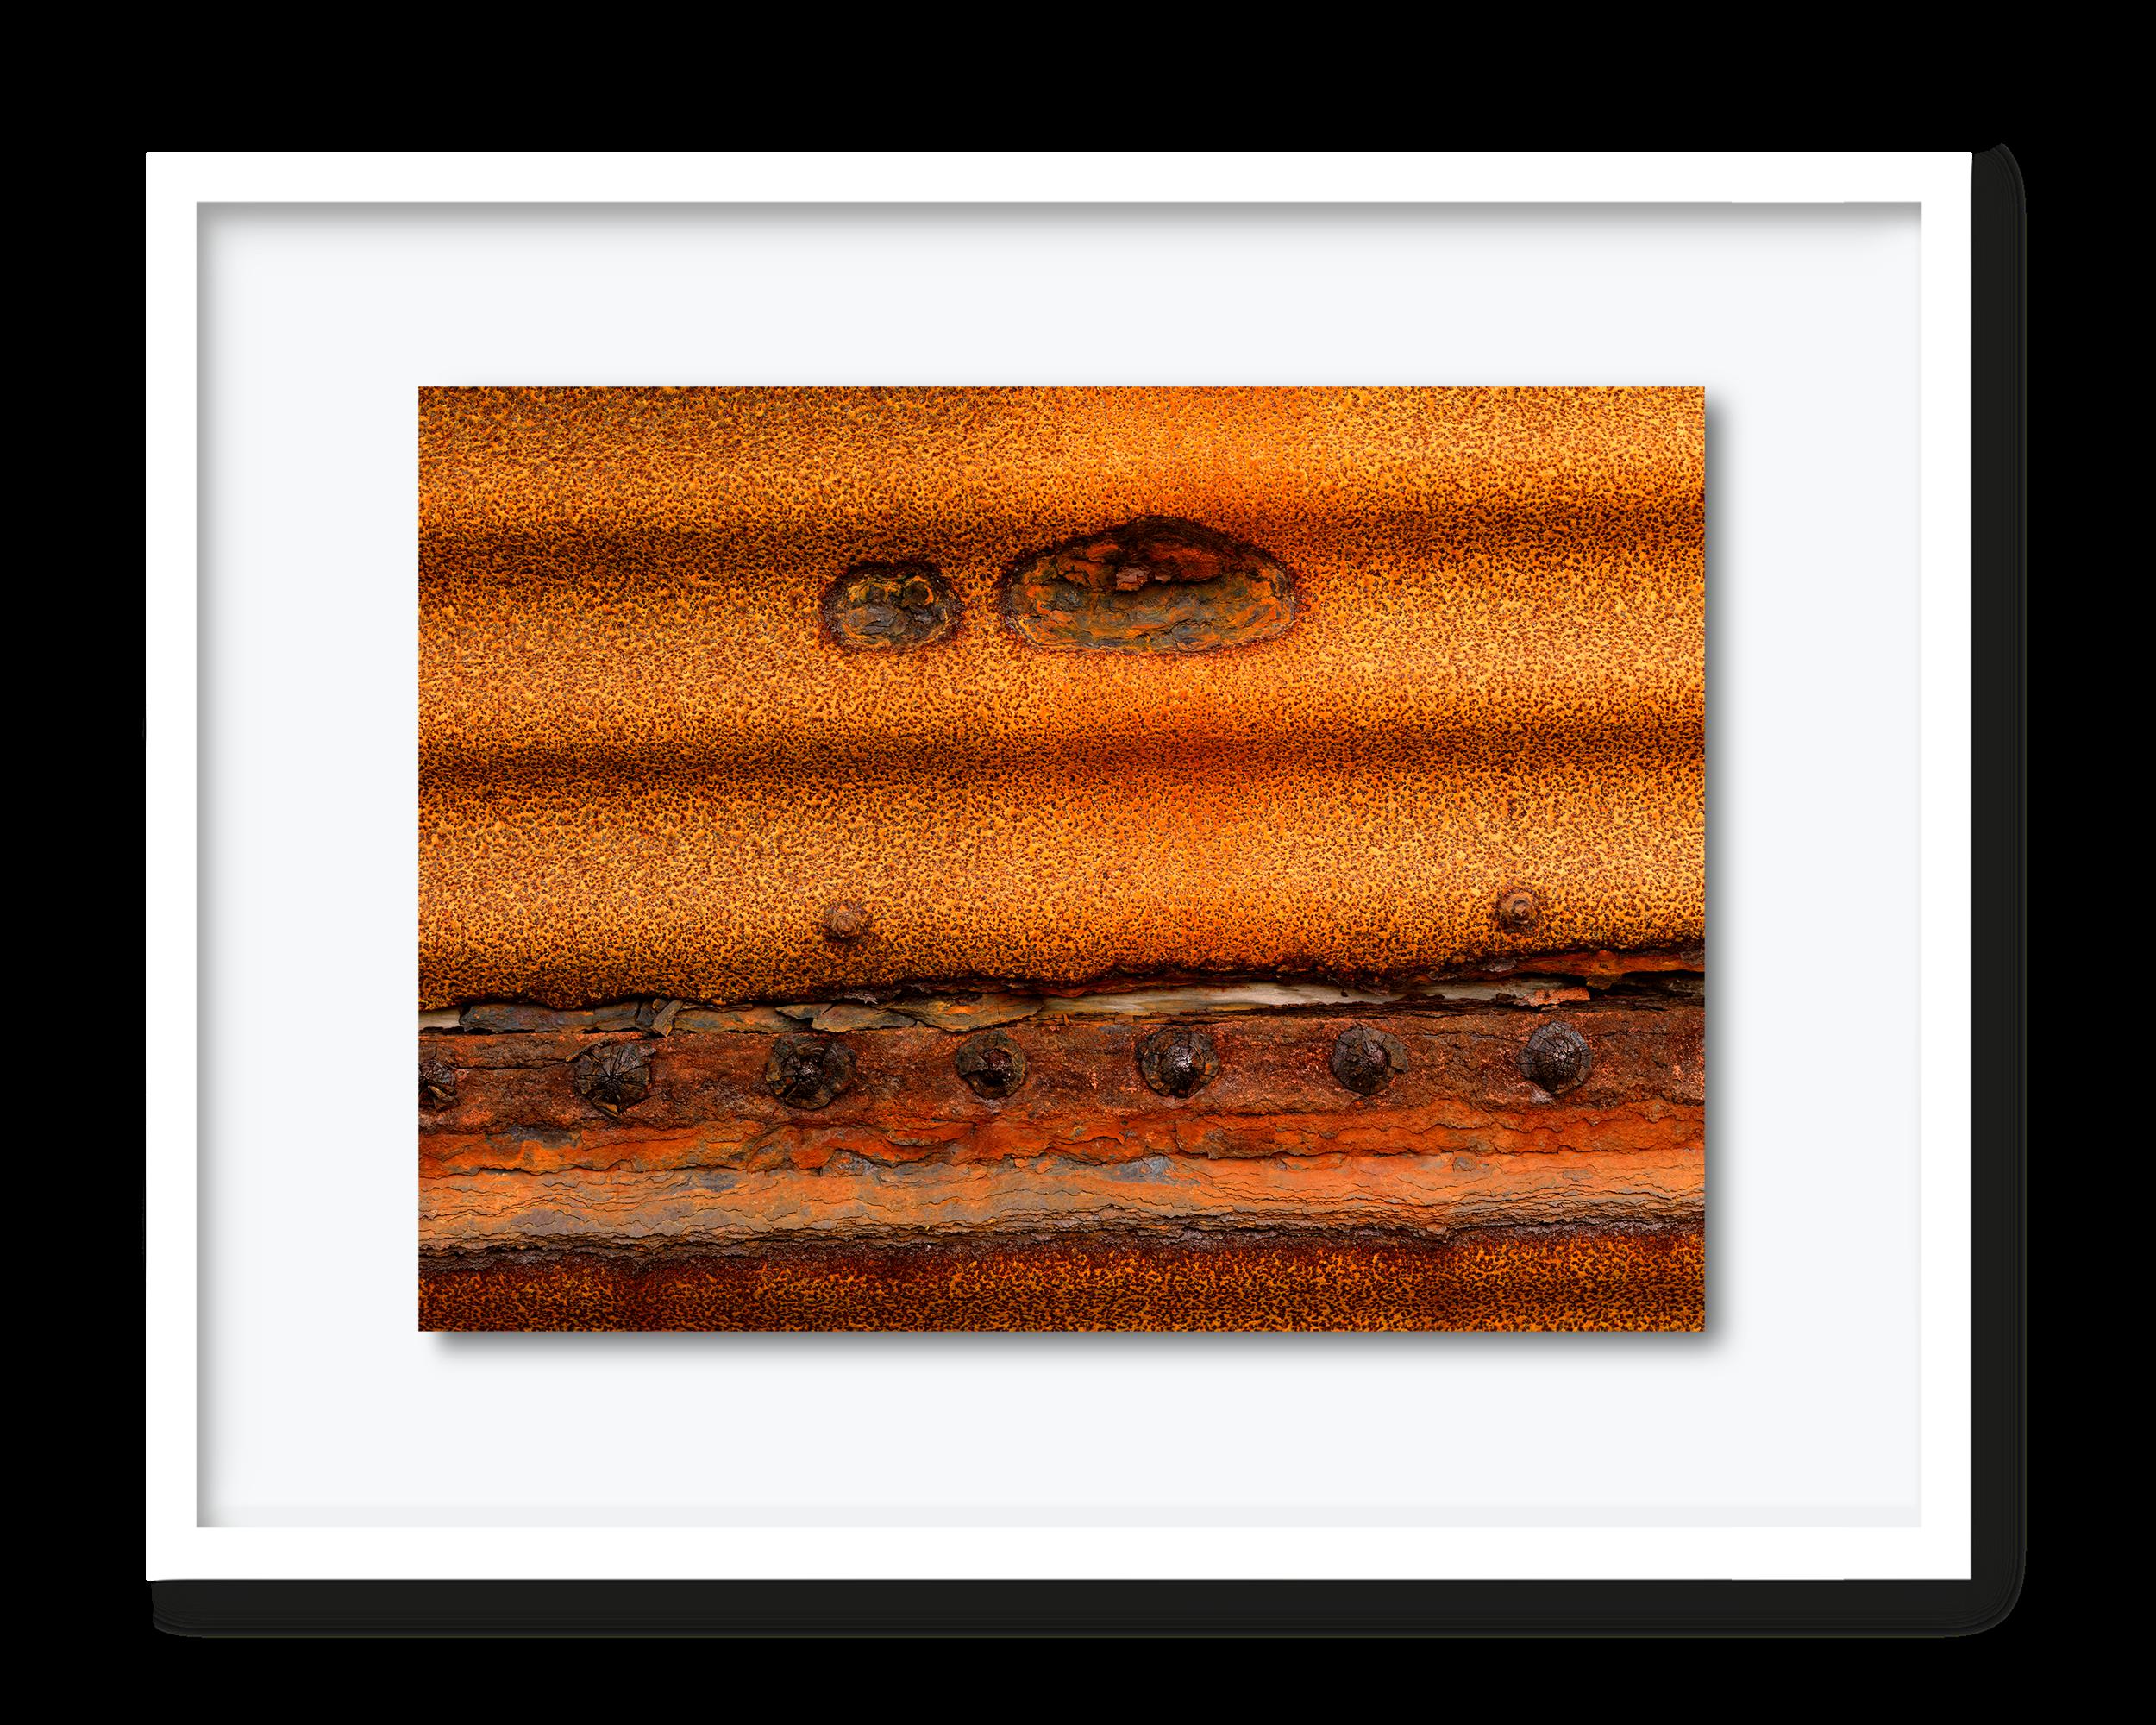 44.david-pearce-rust-texture.png